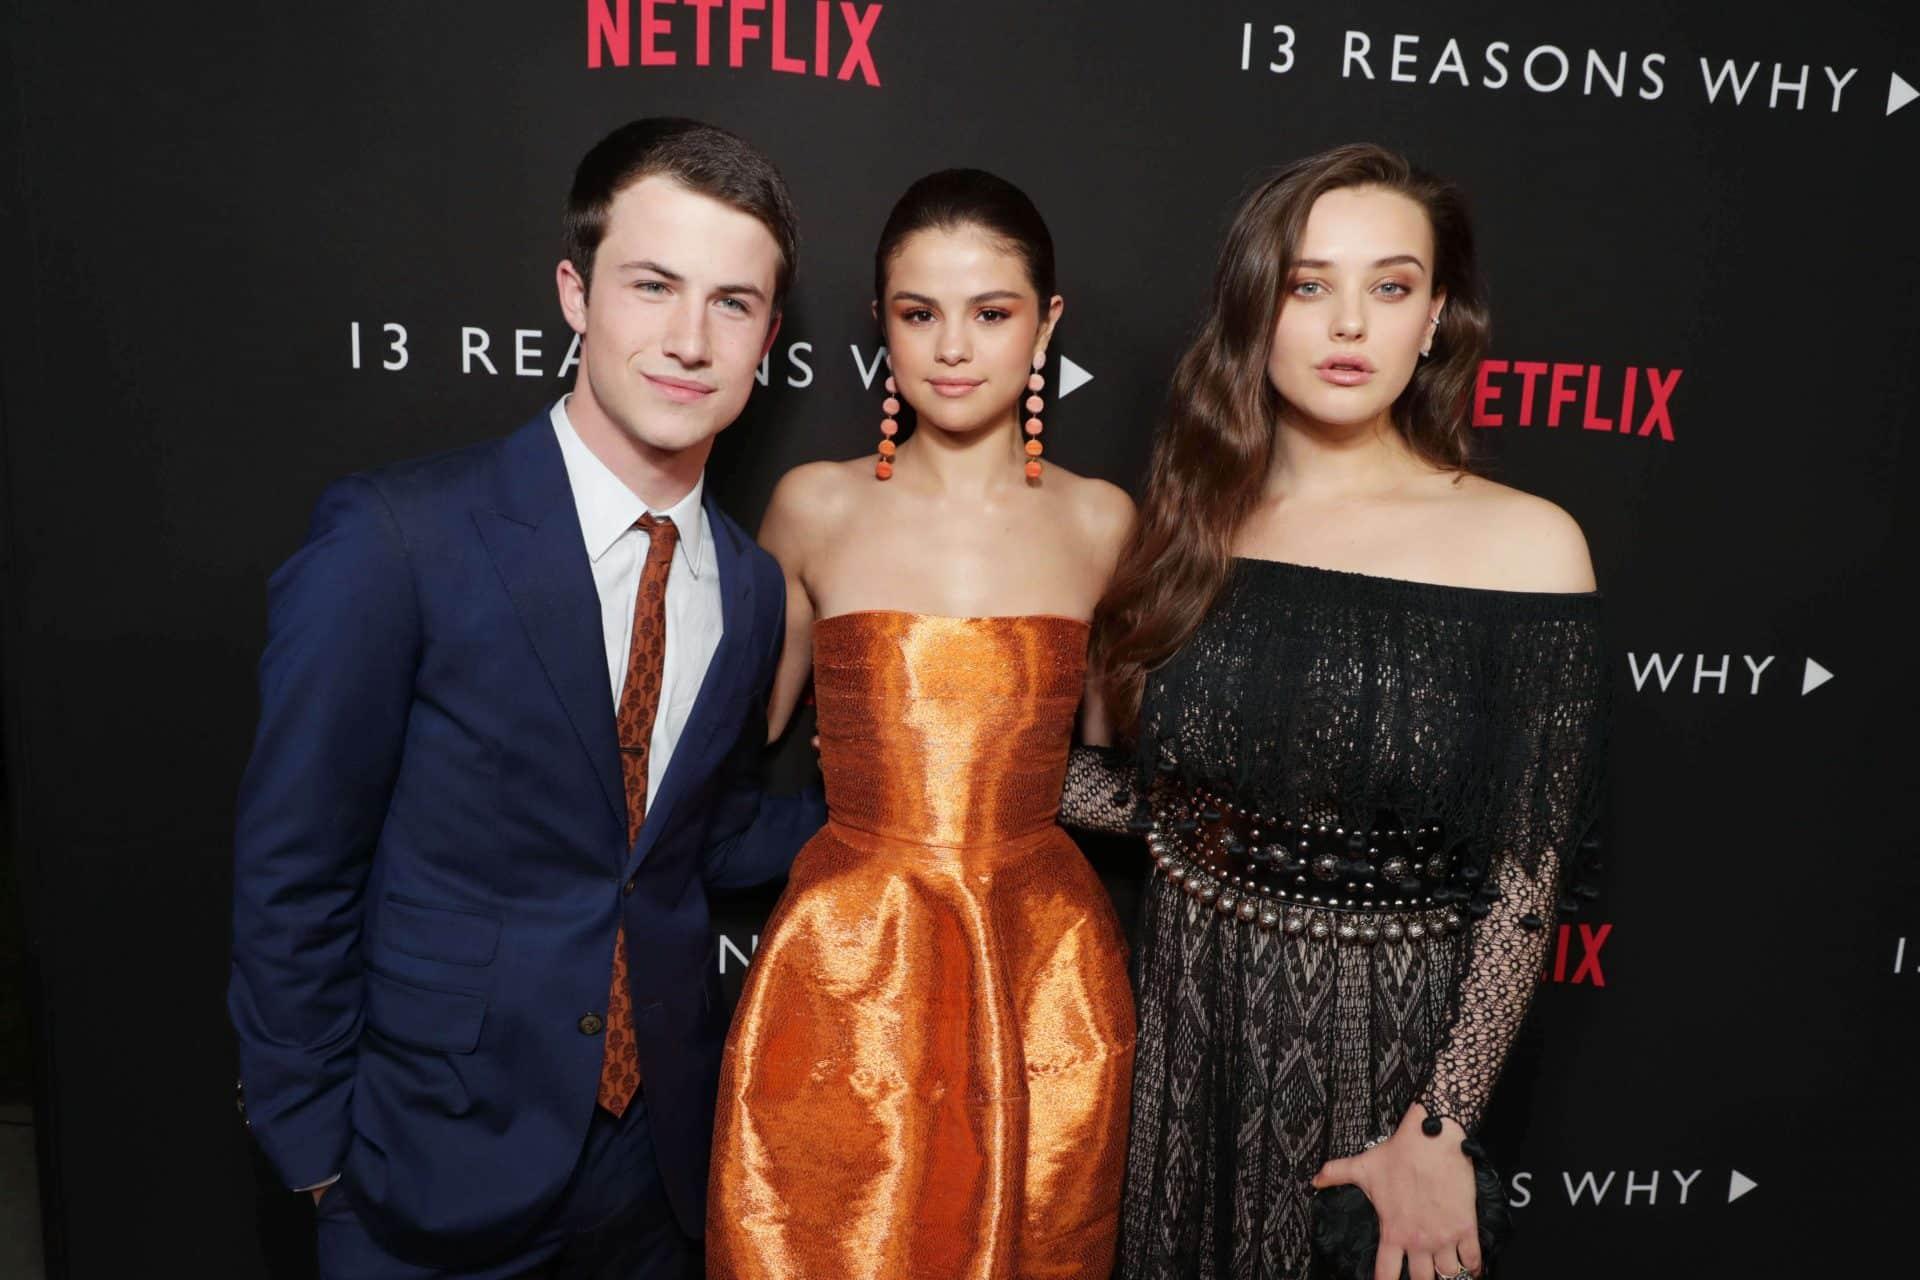 13 ragioni per guardare Tredici – nuova serie tv di Netflix, prodotta da Selena Gomez